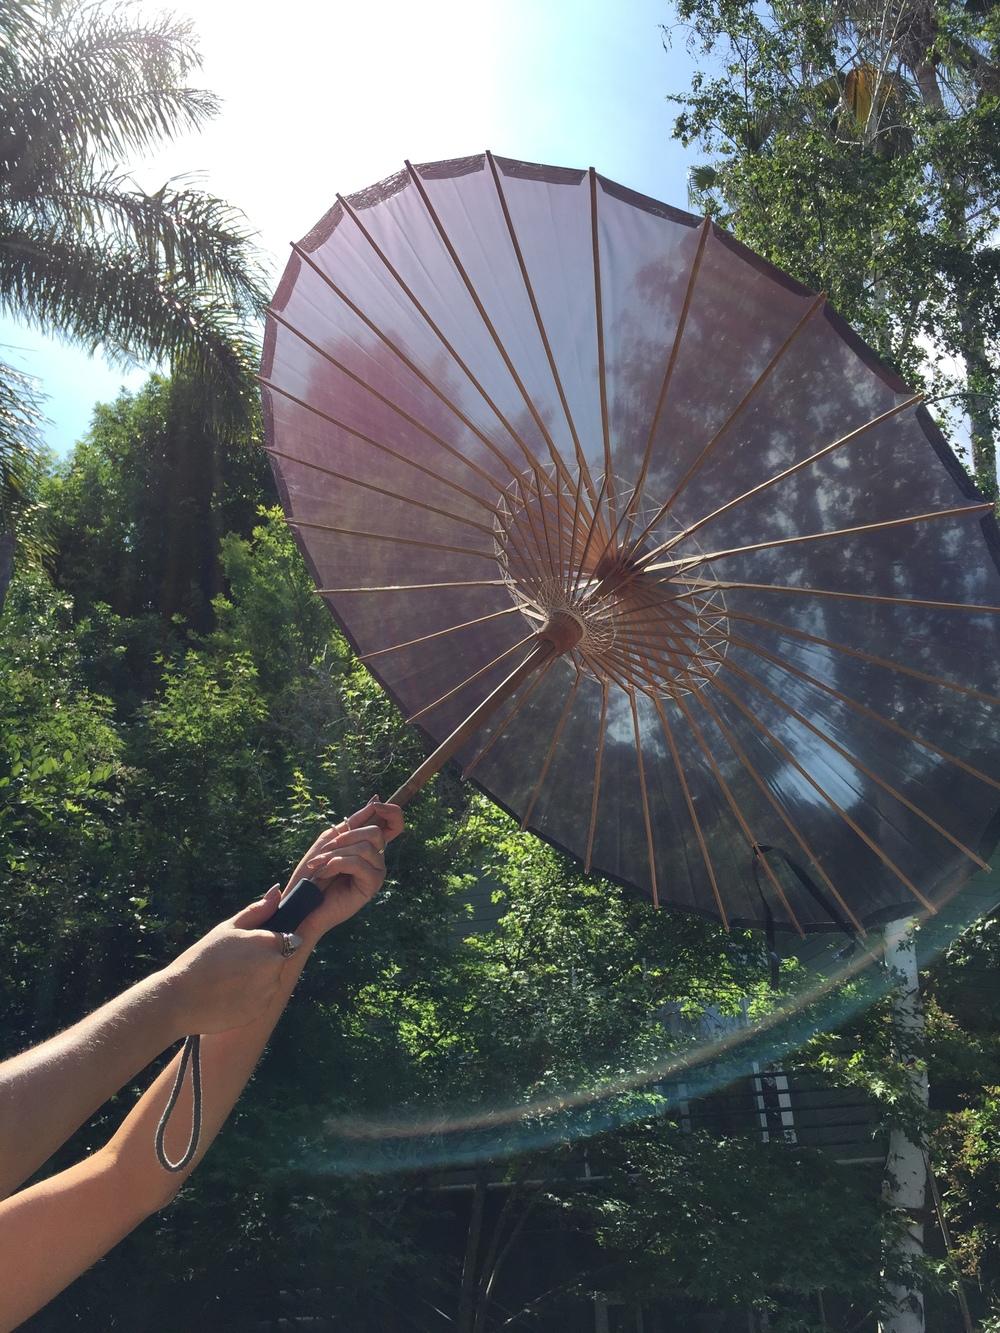 brelli umbrellas